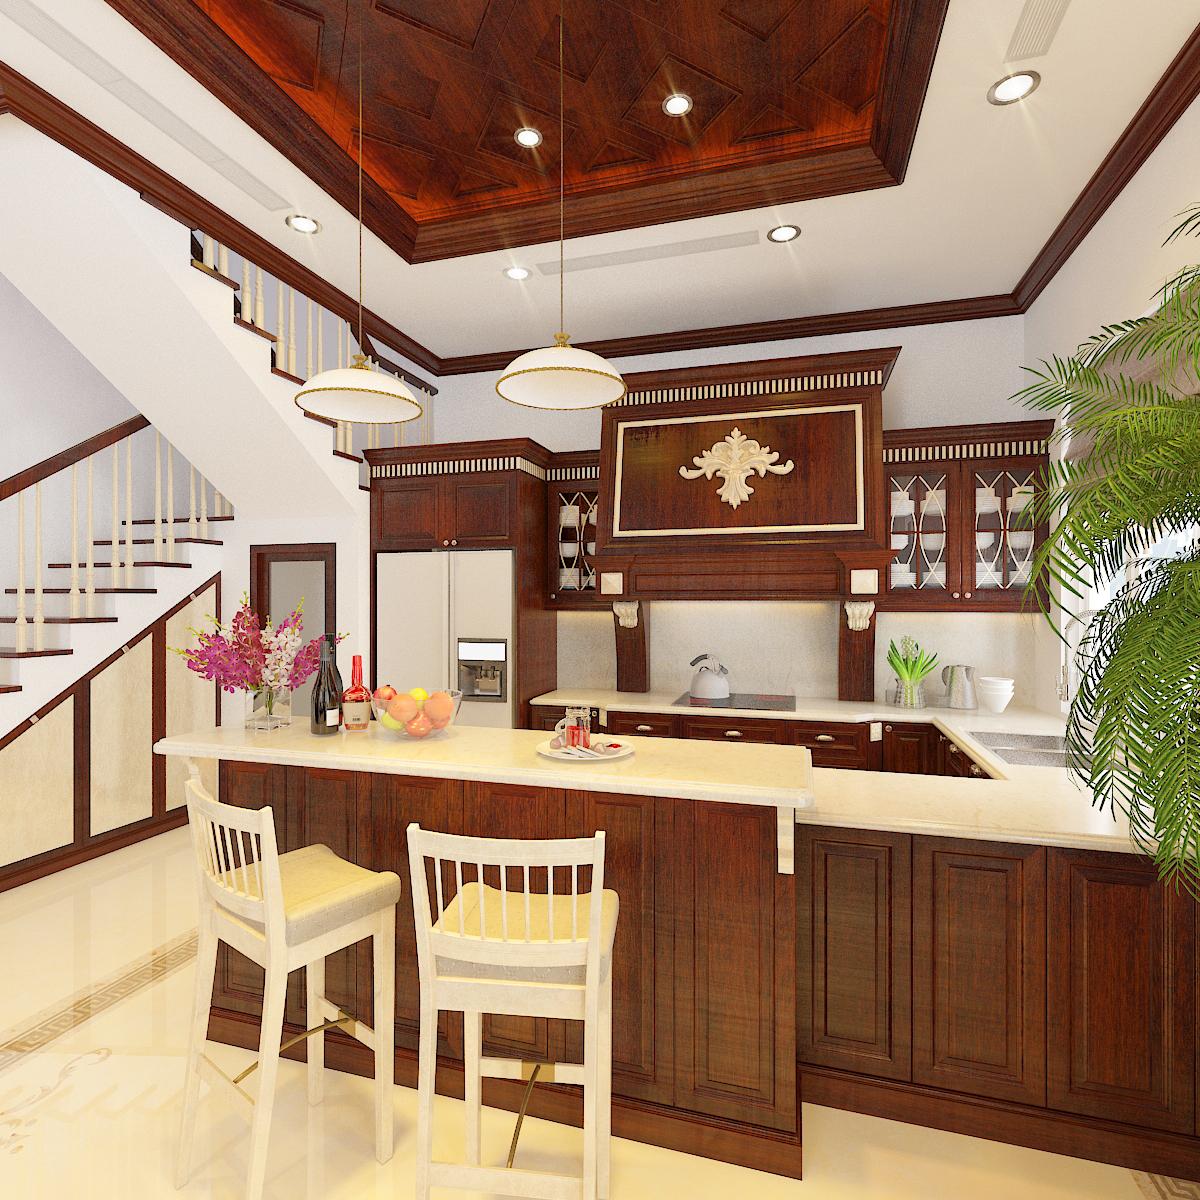 thiết kế nội thất Biệt Thự tại Hà Nội bt Vinhomes - riverside 24 1568276270